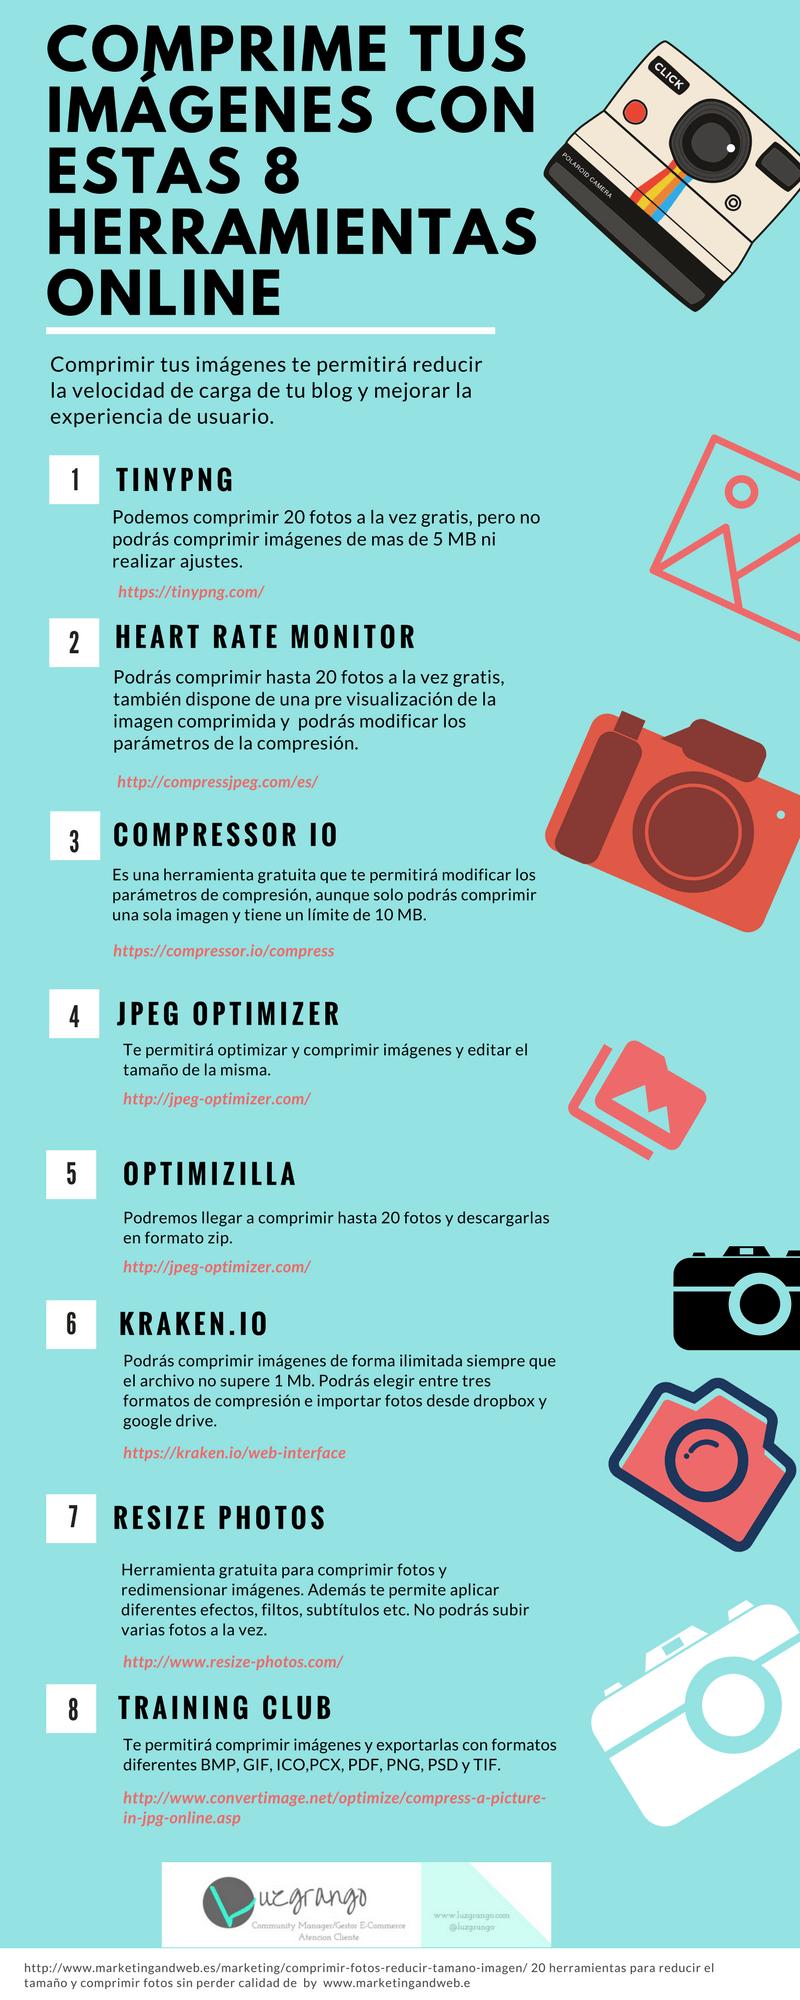 8 herramientas online para comprimir imágenes